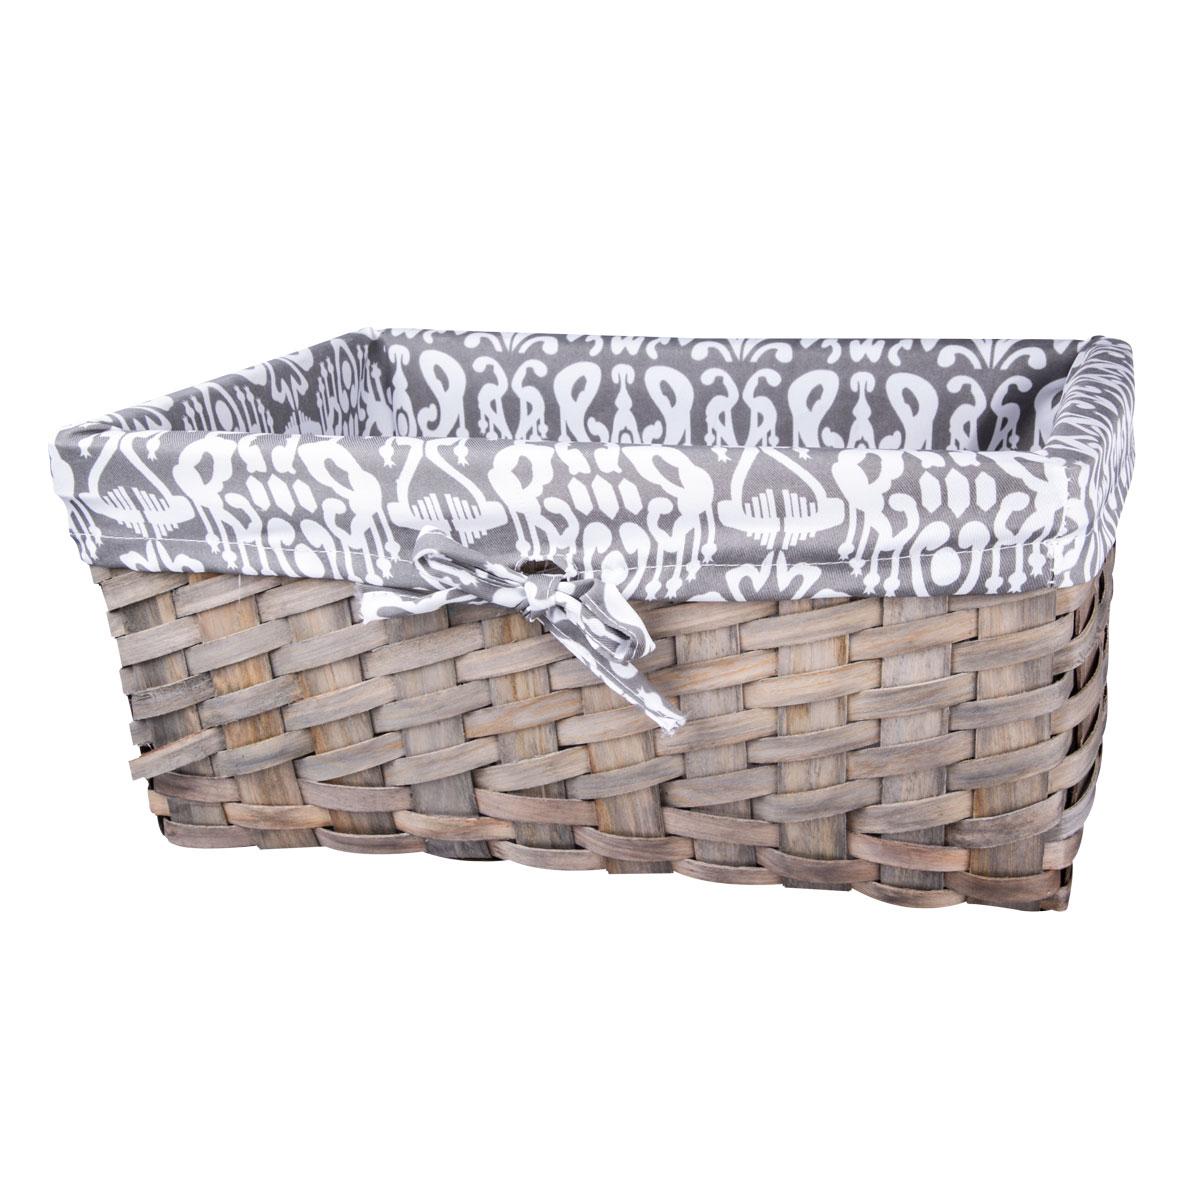 Корзина плетеная Miolla, 37 х 26 х 17 см. QL400435-LQL400435-LЛучшее решение для хранения вещей - корзина для хранения Miolla. Экономьте полезное пространство своего дома, уберите ненужные вещи в удобную корзину и используйте ее для хранения дорогих сердцу вещей, которые нужно сберечь в целости и сохранности. Корзина изготовлена из дерева. Специальные отверстия на стенках создают идеальные условия для проветривания. Размер корзины: 37 х 26 х 17 см.